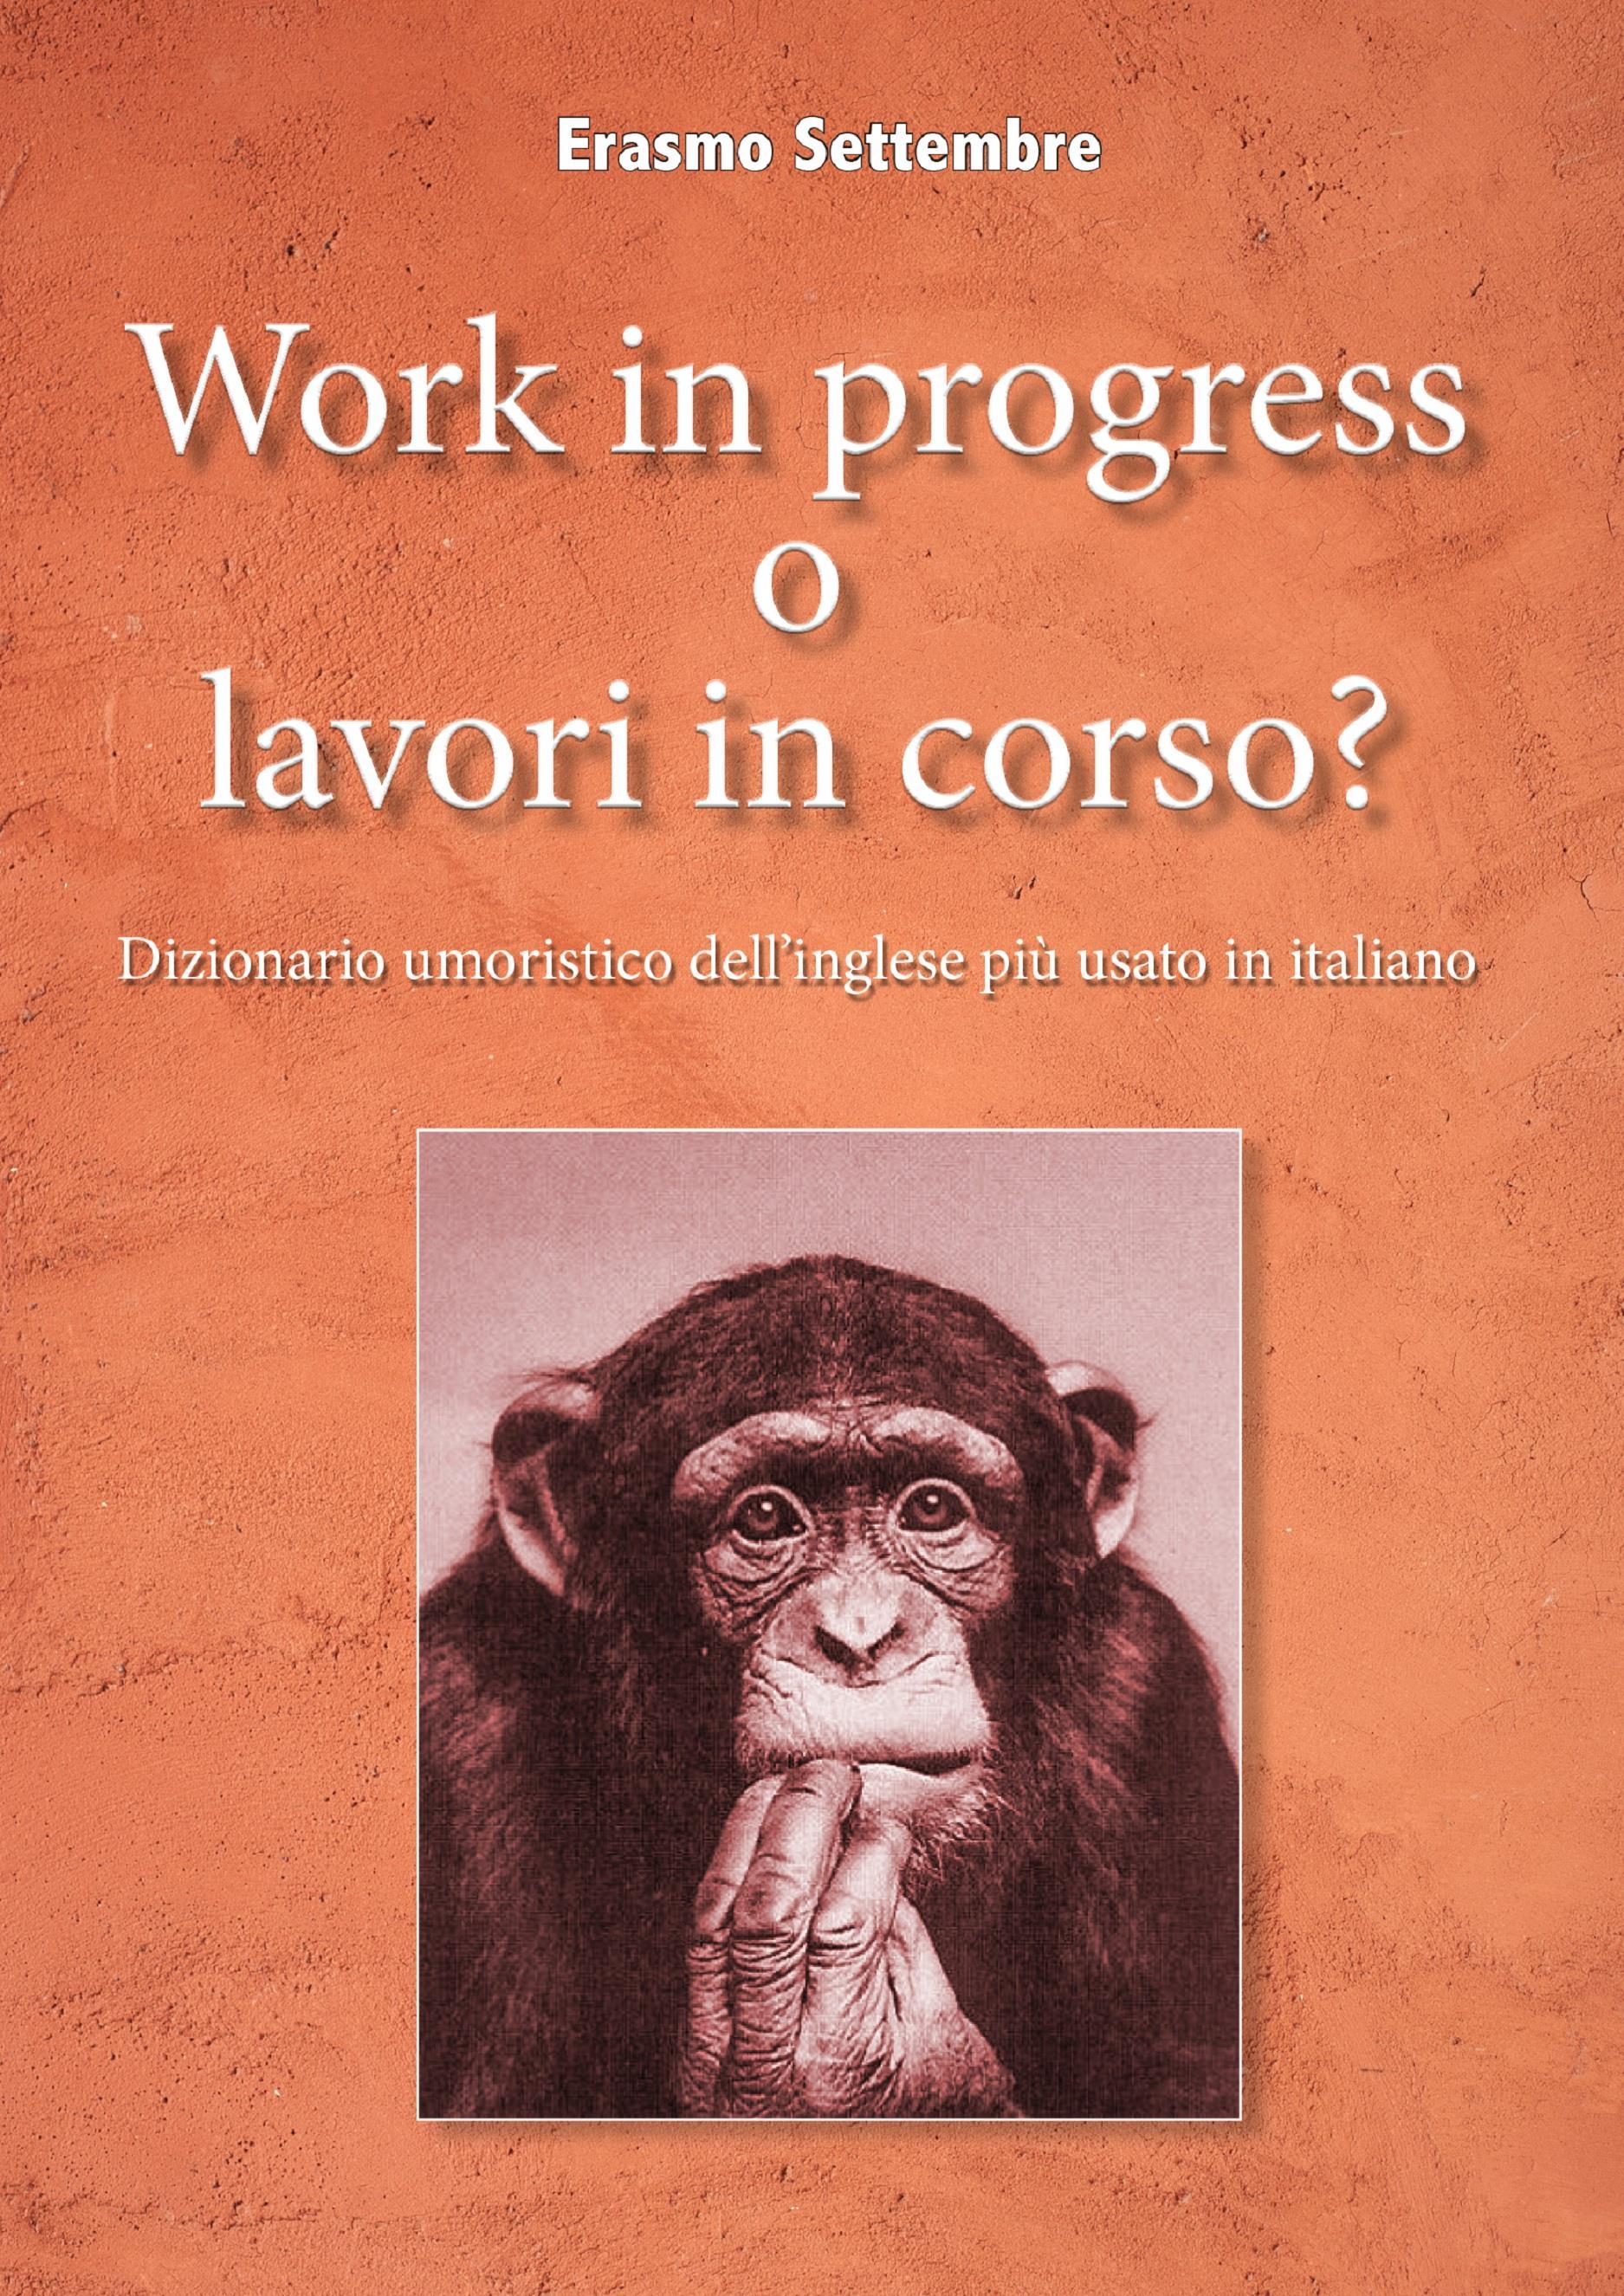 Work in progress o lavori in corso? Dizionario umoristico dell'inglese più usato in italiano